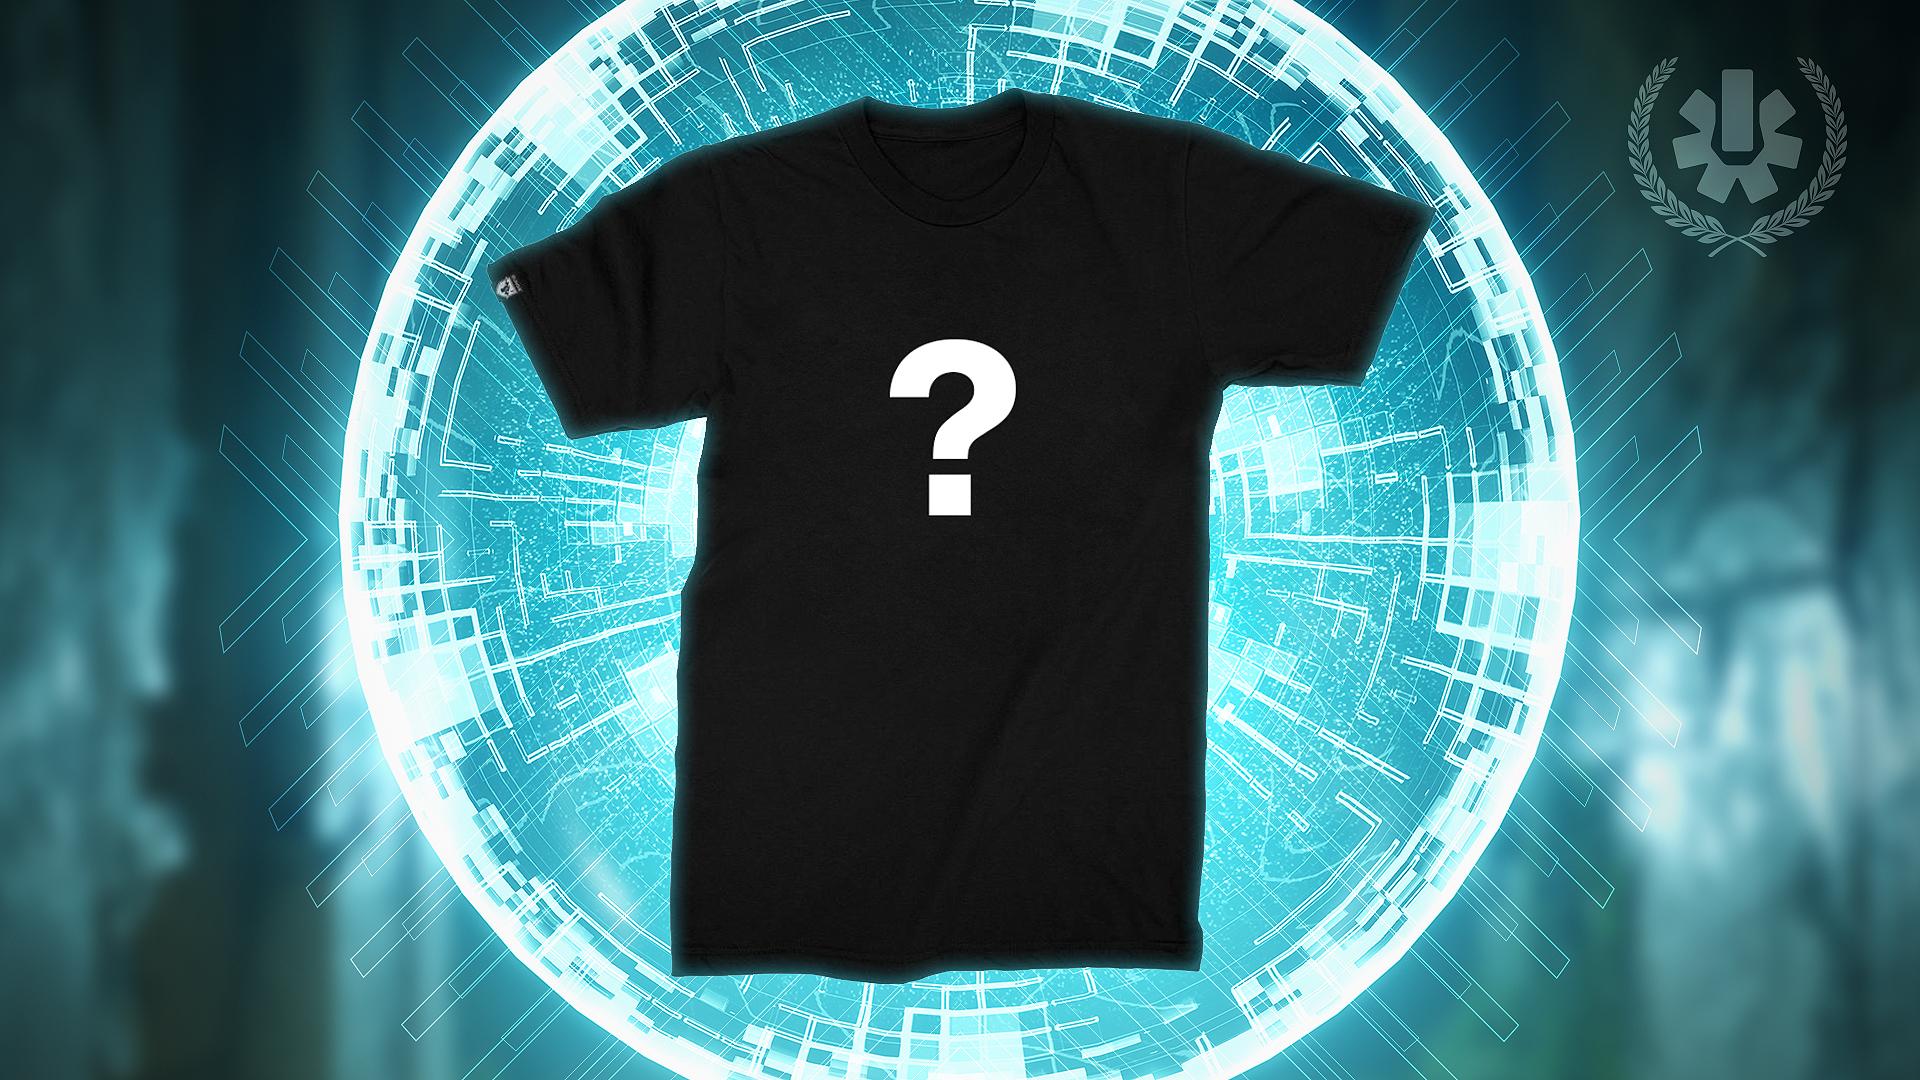 Raid_Shirt.jpg?cv=3983621215&av=23794498